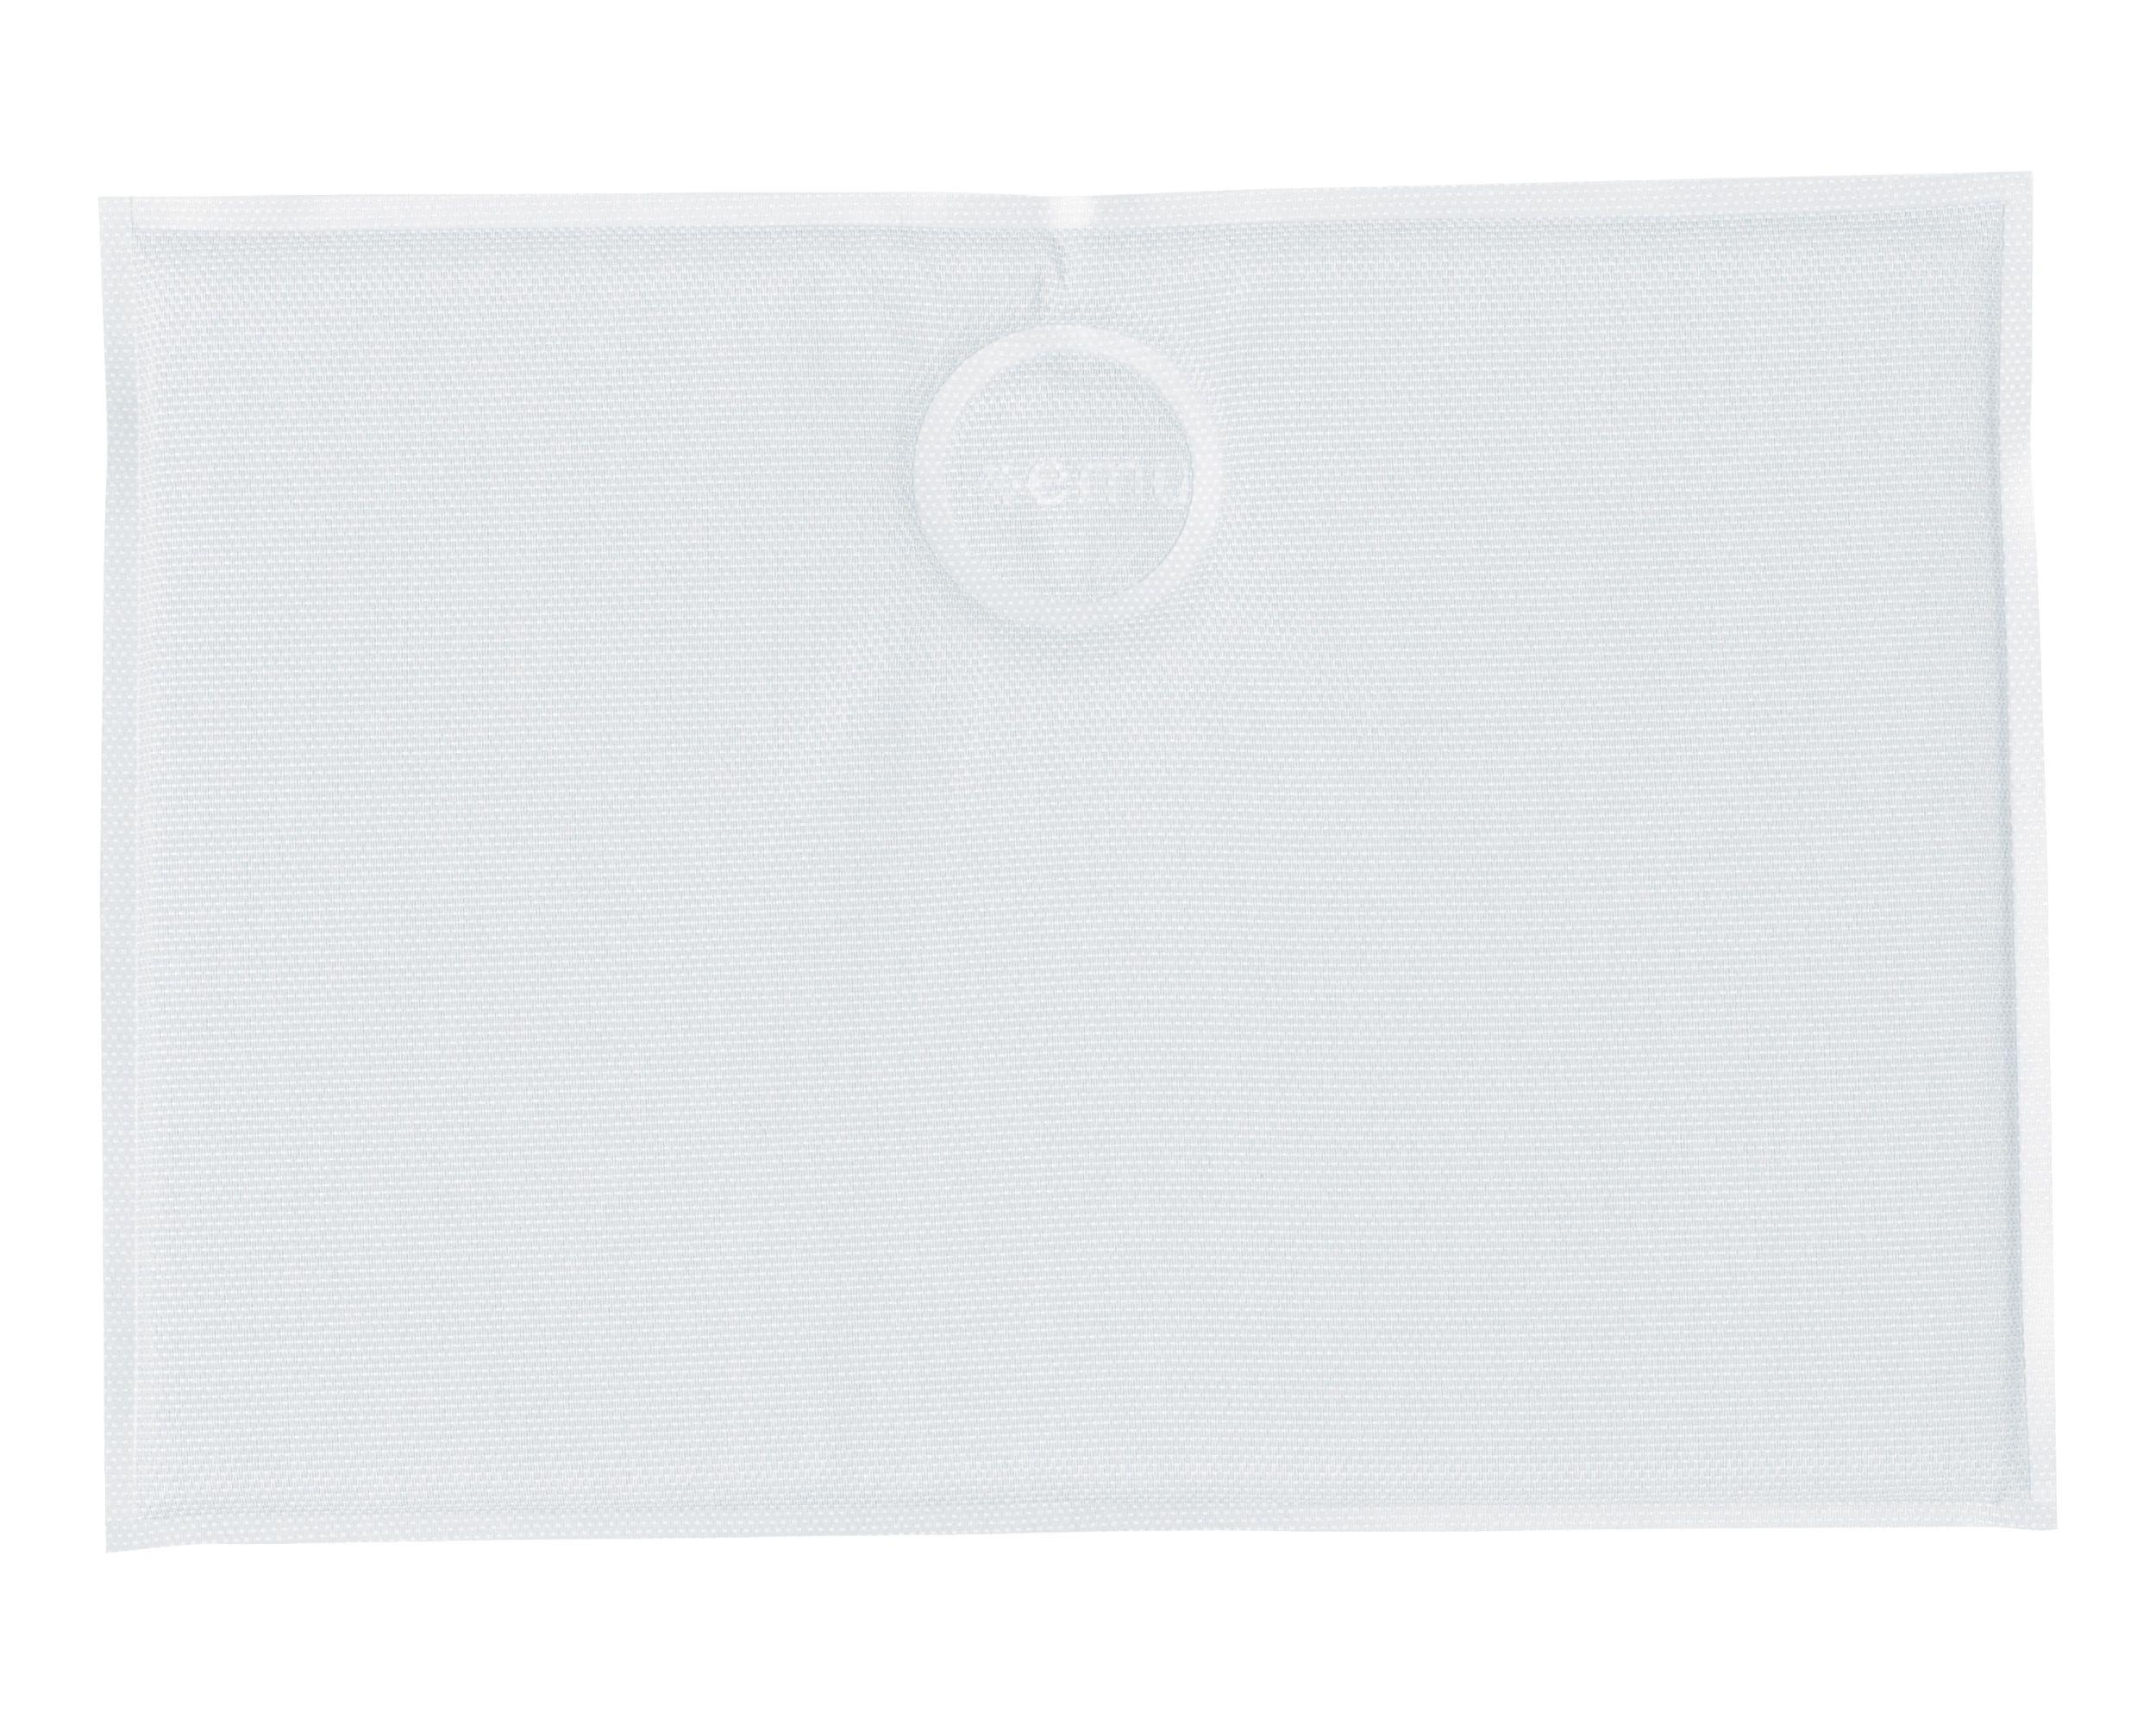 Sitzkissen mit Magnet, 40x28 cm